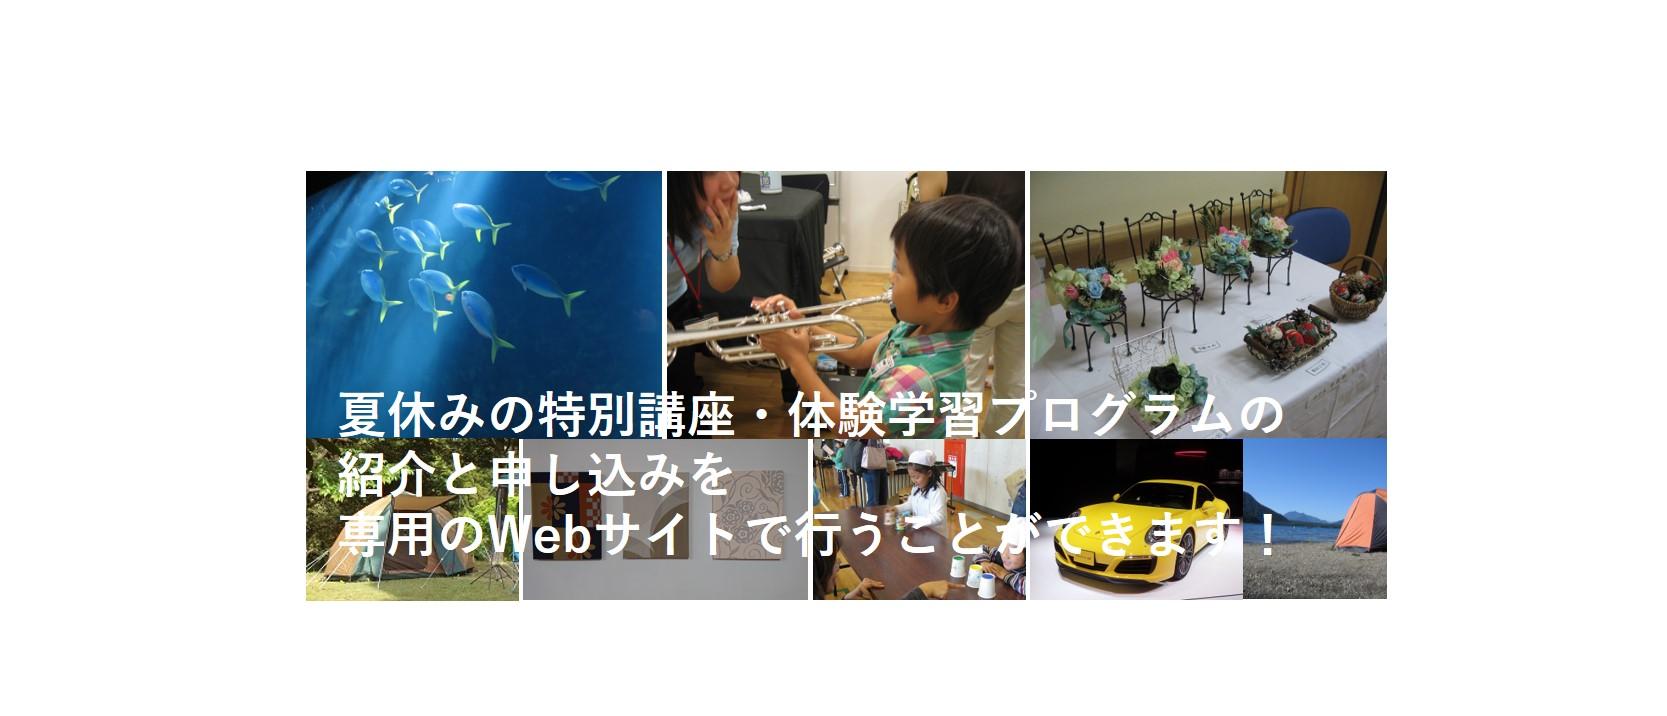 夏休みの体験学習・特別講座向けWebサービス・イメージ